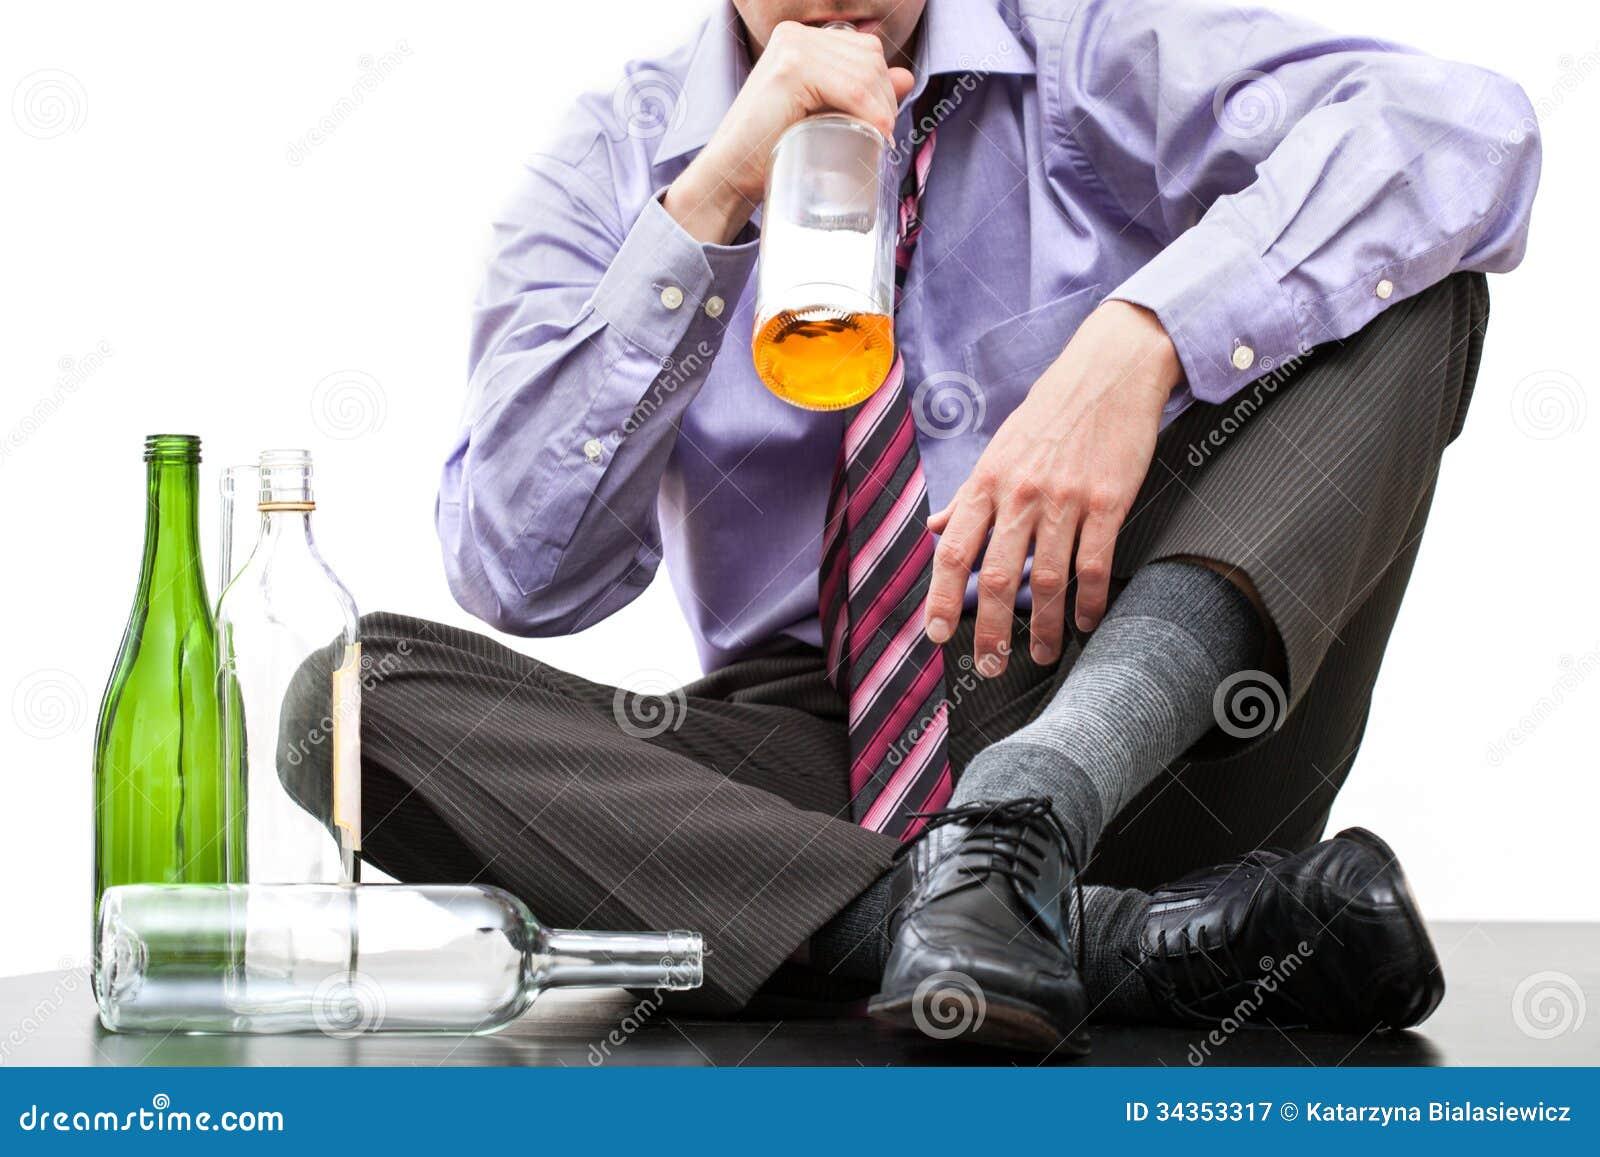 Как очистить кровь от алкоголя быстро и безболезненно